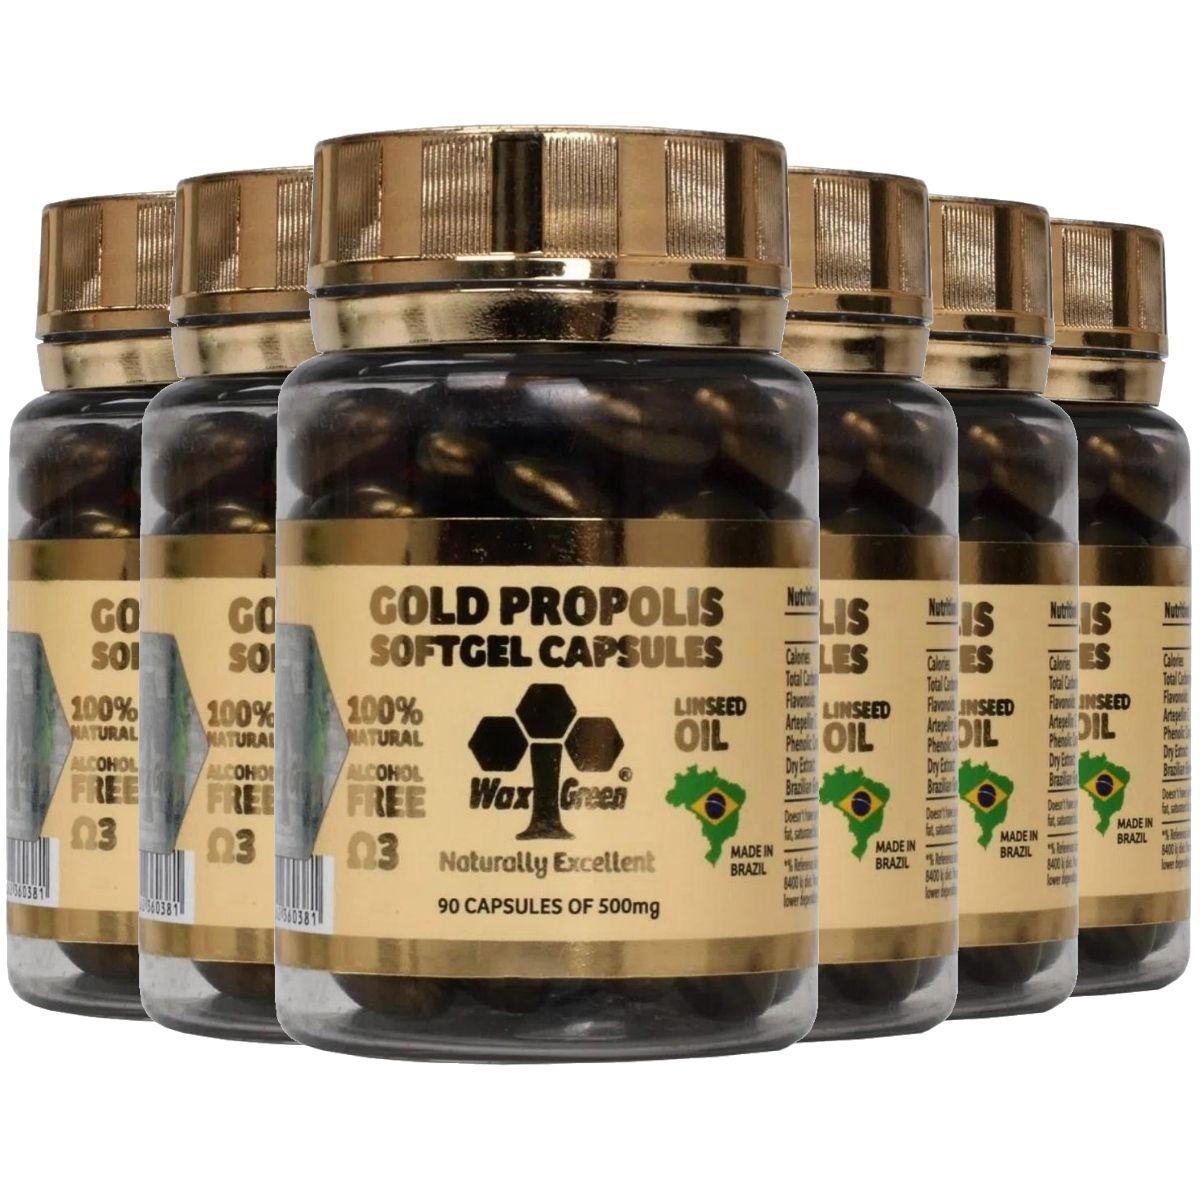 Kit 6 Própolis Verde Gold 87% C/ Ômega 3 90 cápsulas 500mg - Wax Green